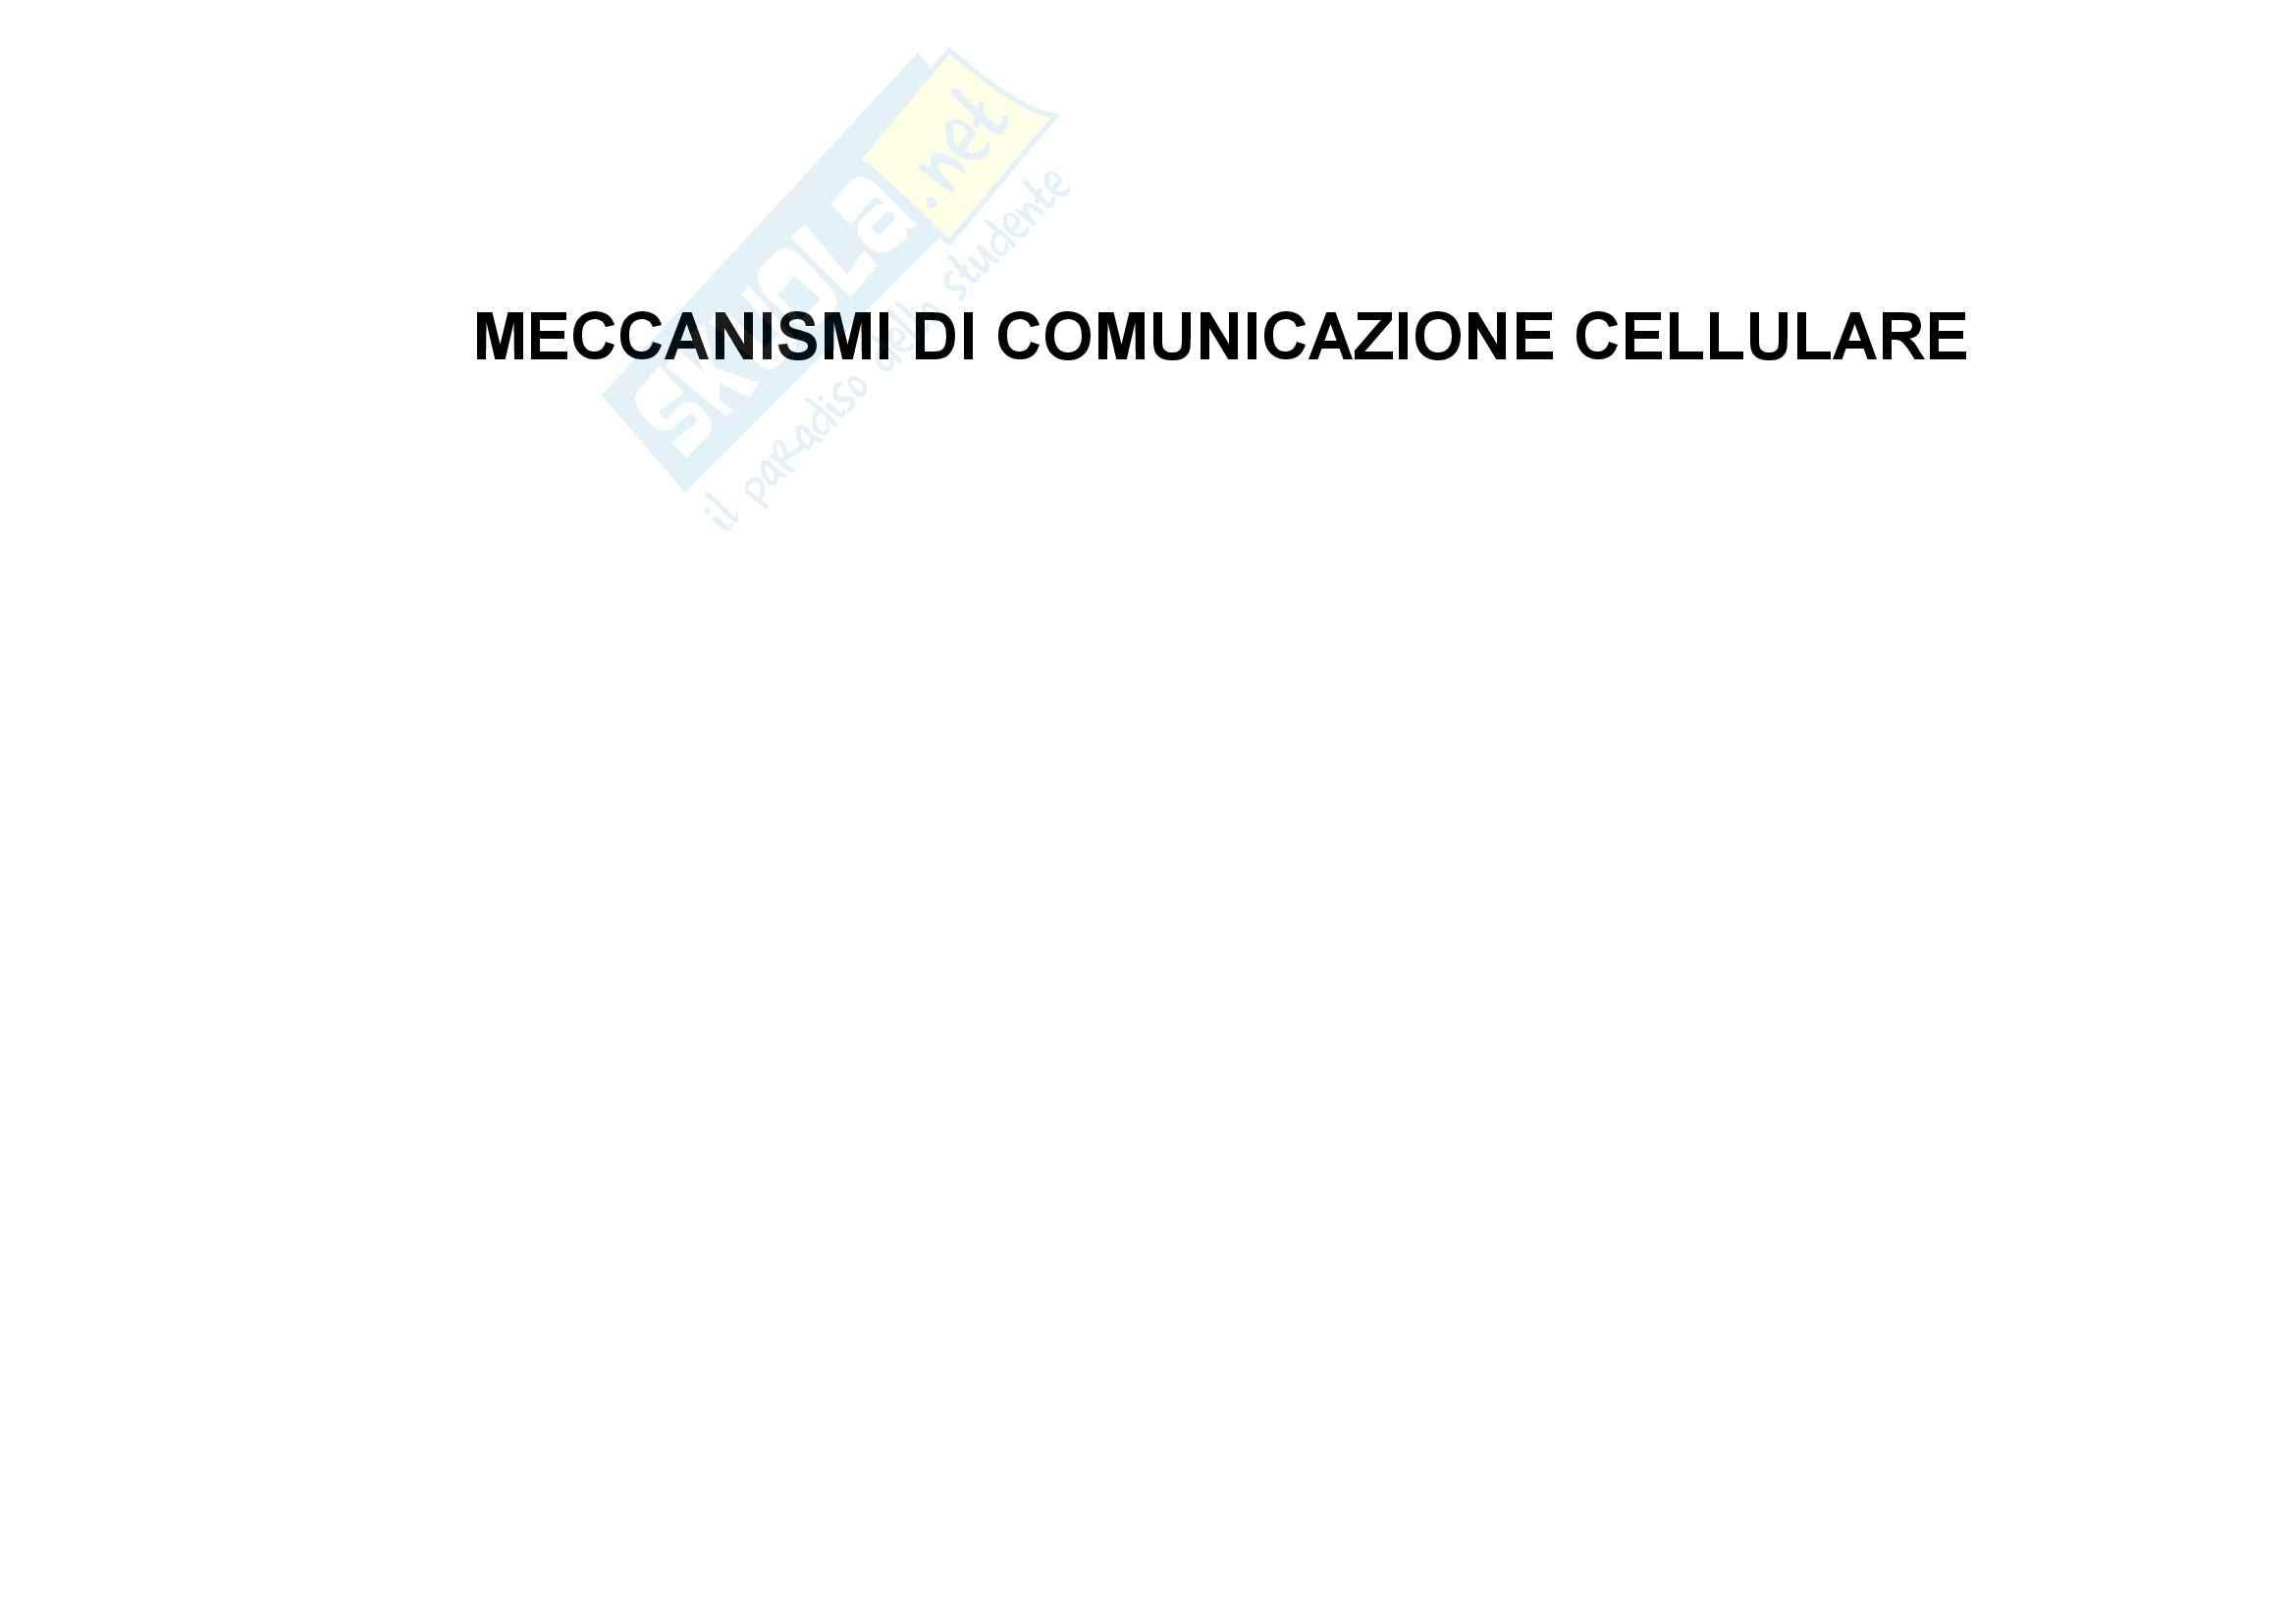 Meccanismi di Comunicazione Cellulare